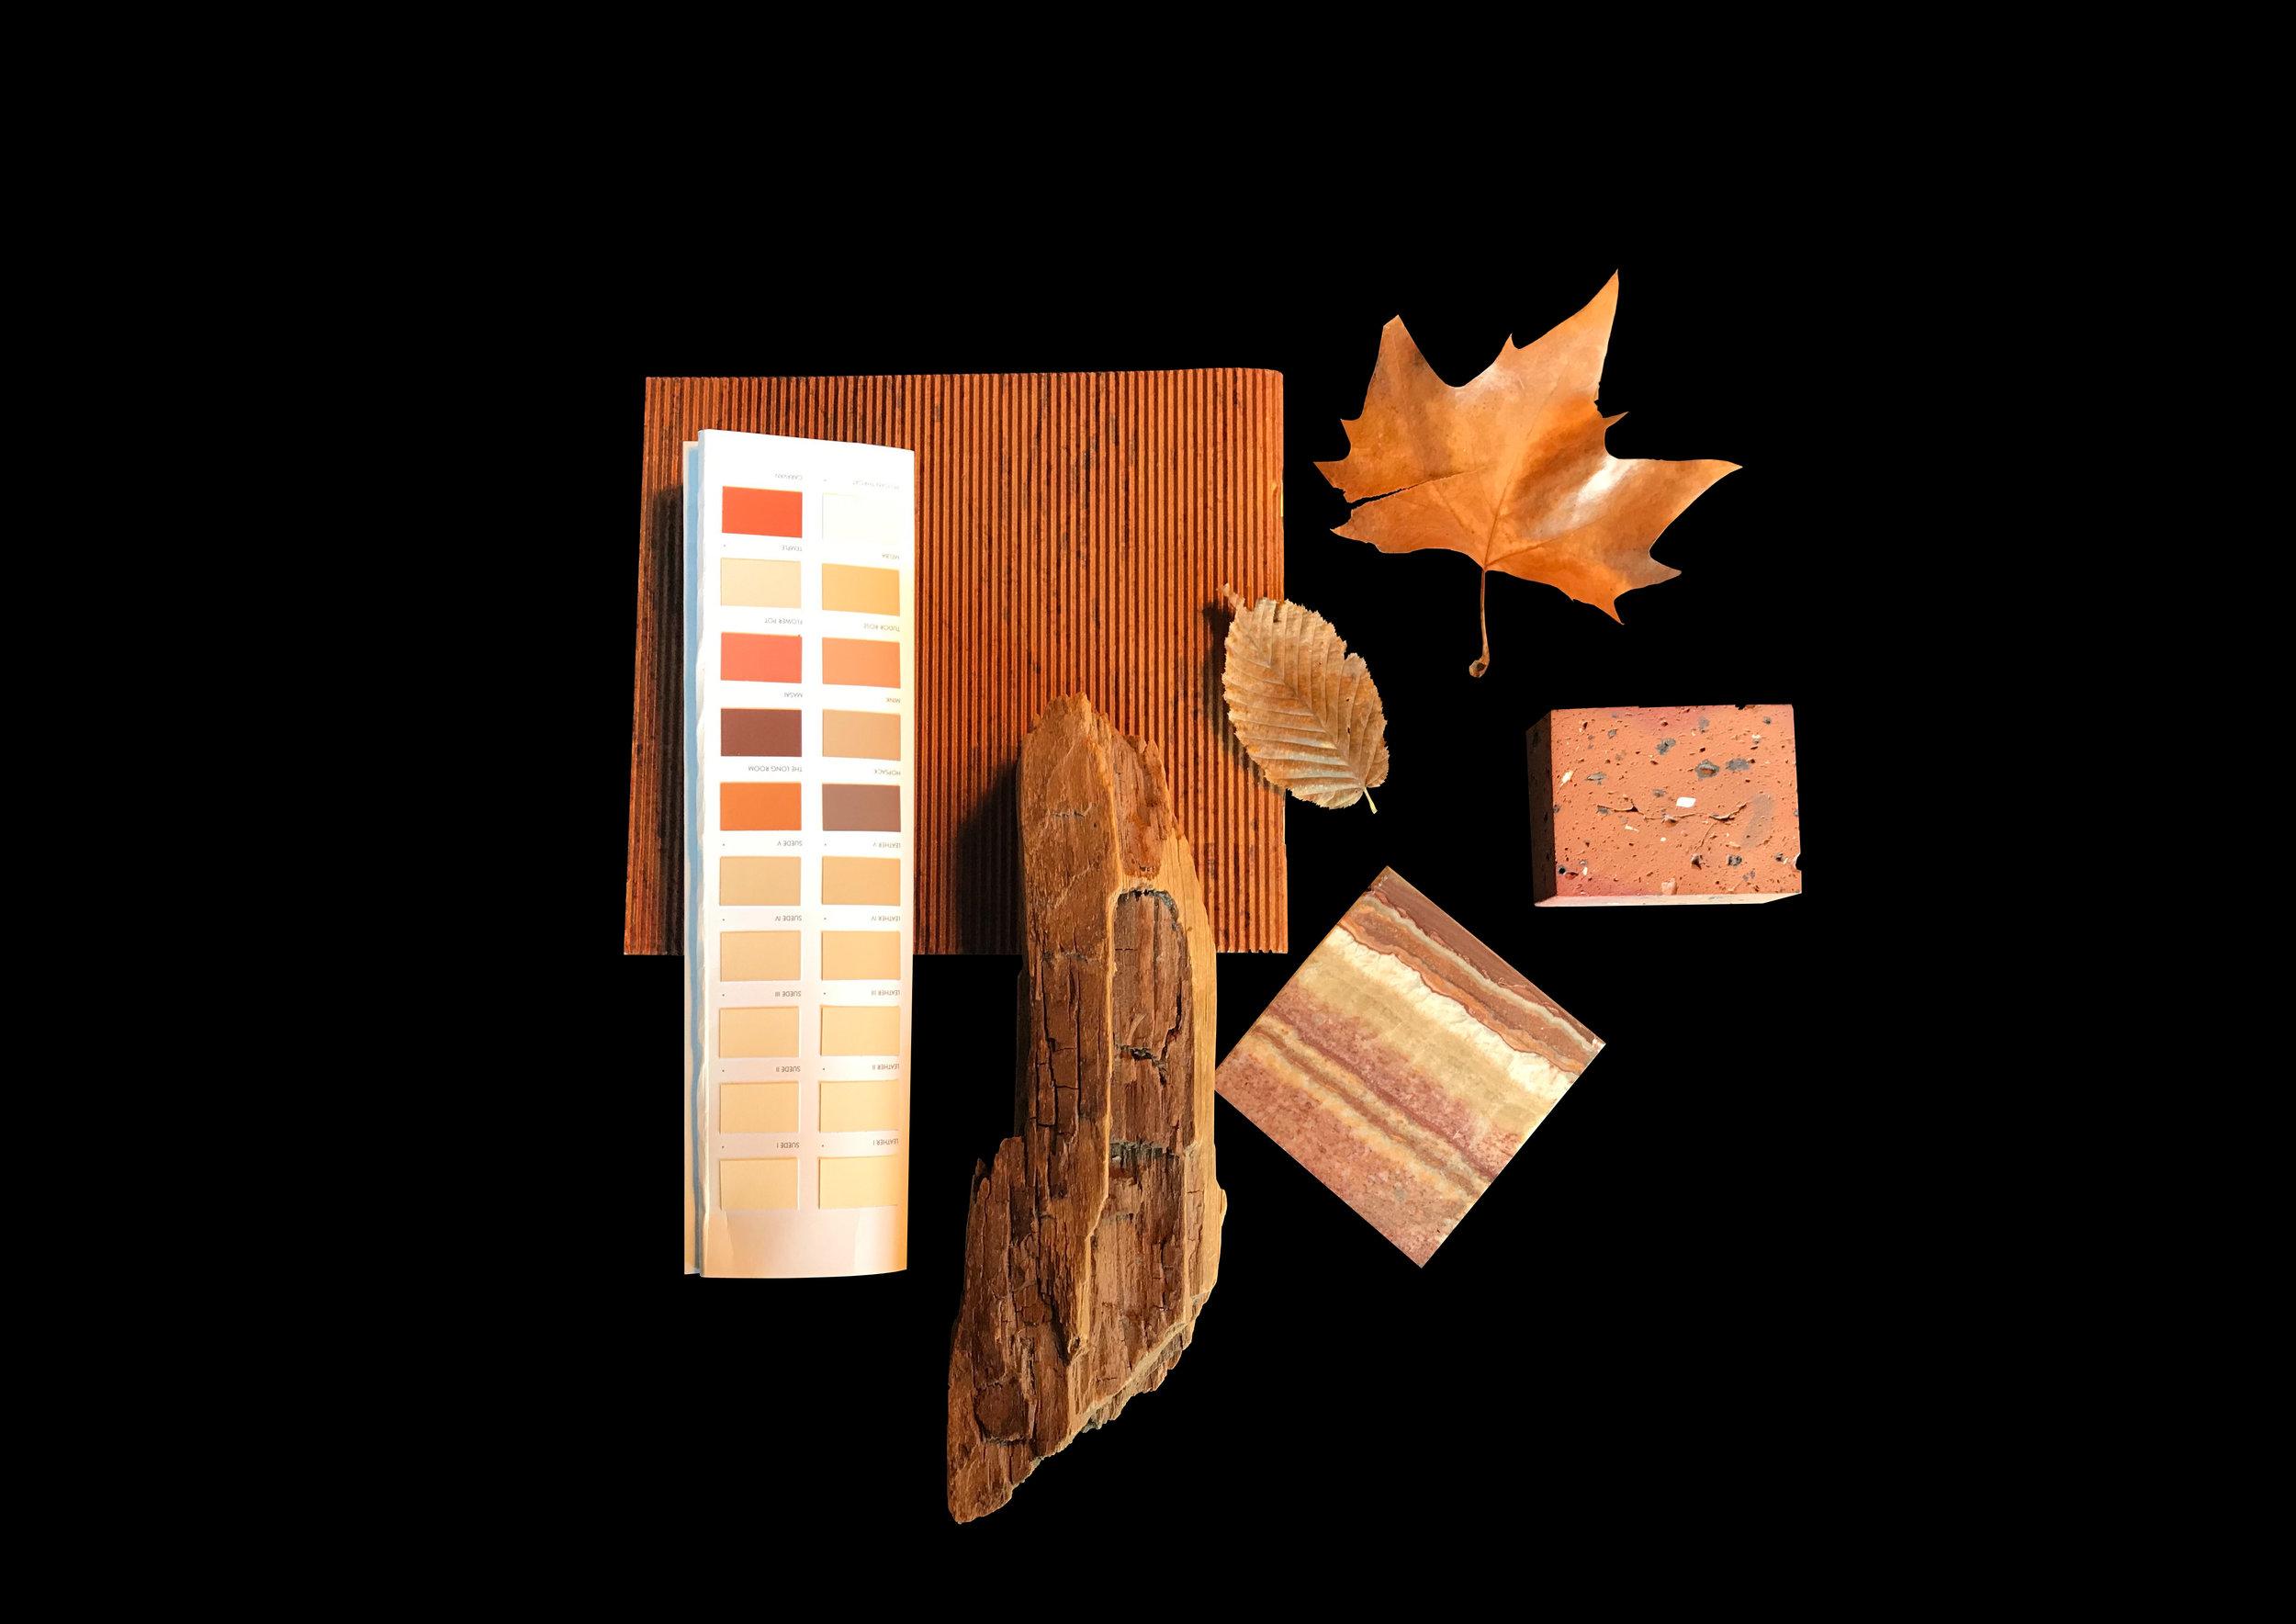 Color of the month - November - Herbstorange